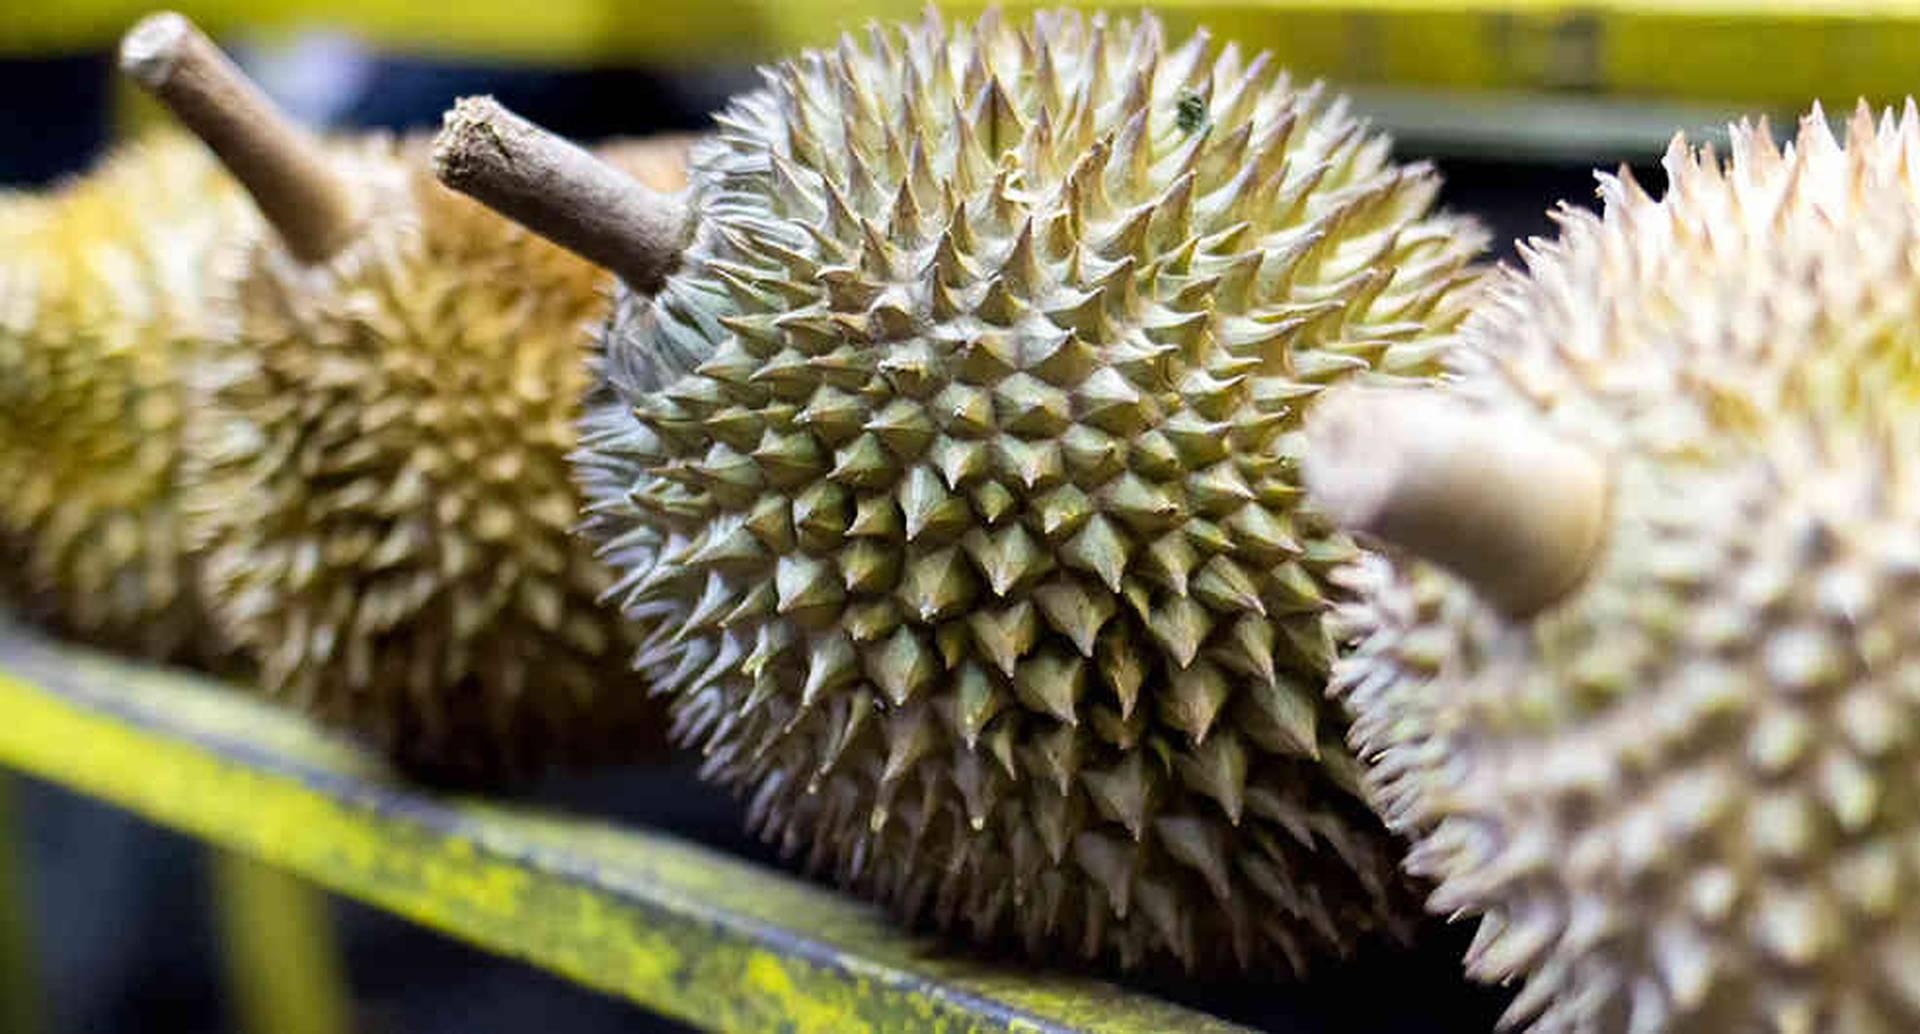 El durian es una de las frutas más comunes en los mercados de Indonesia.